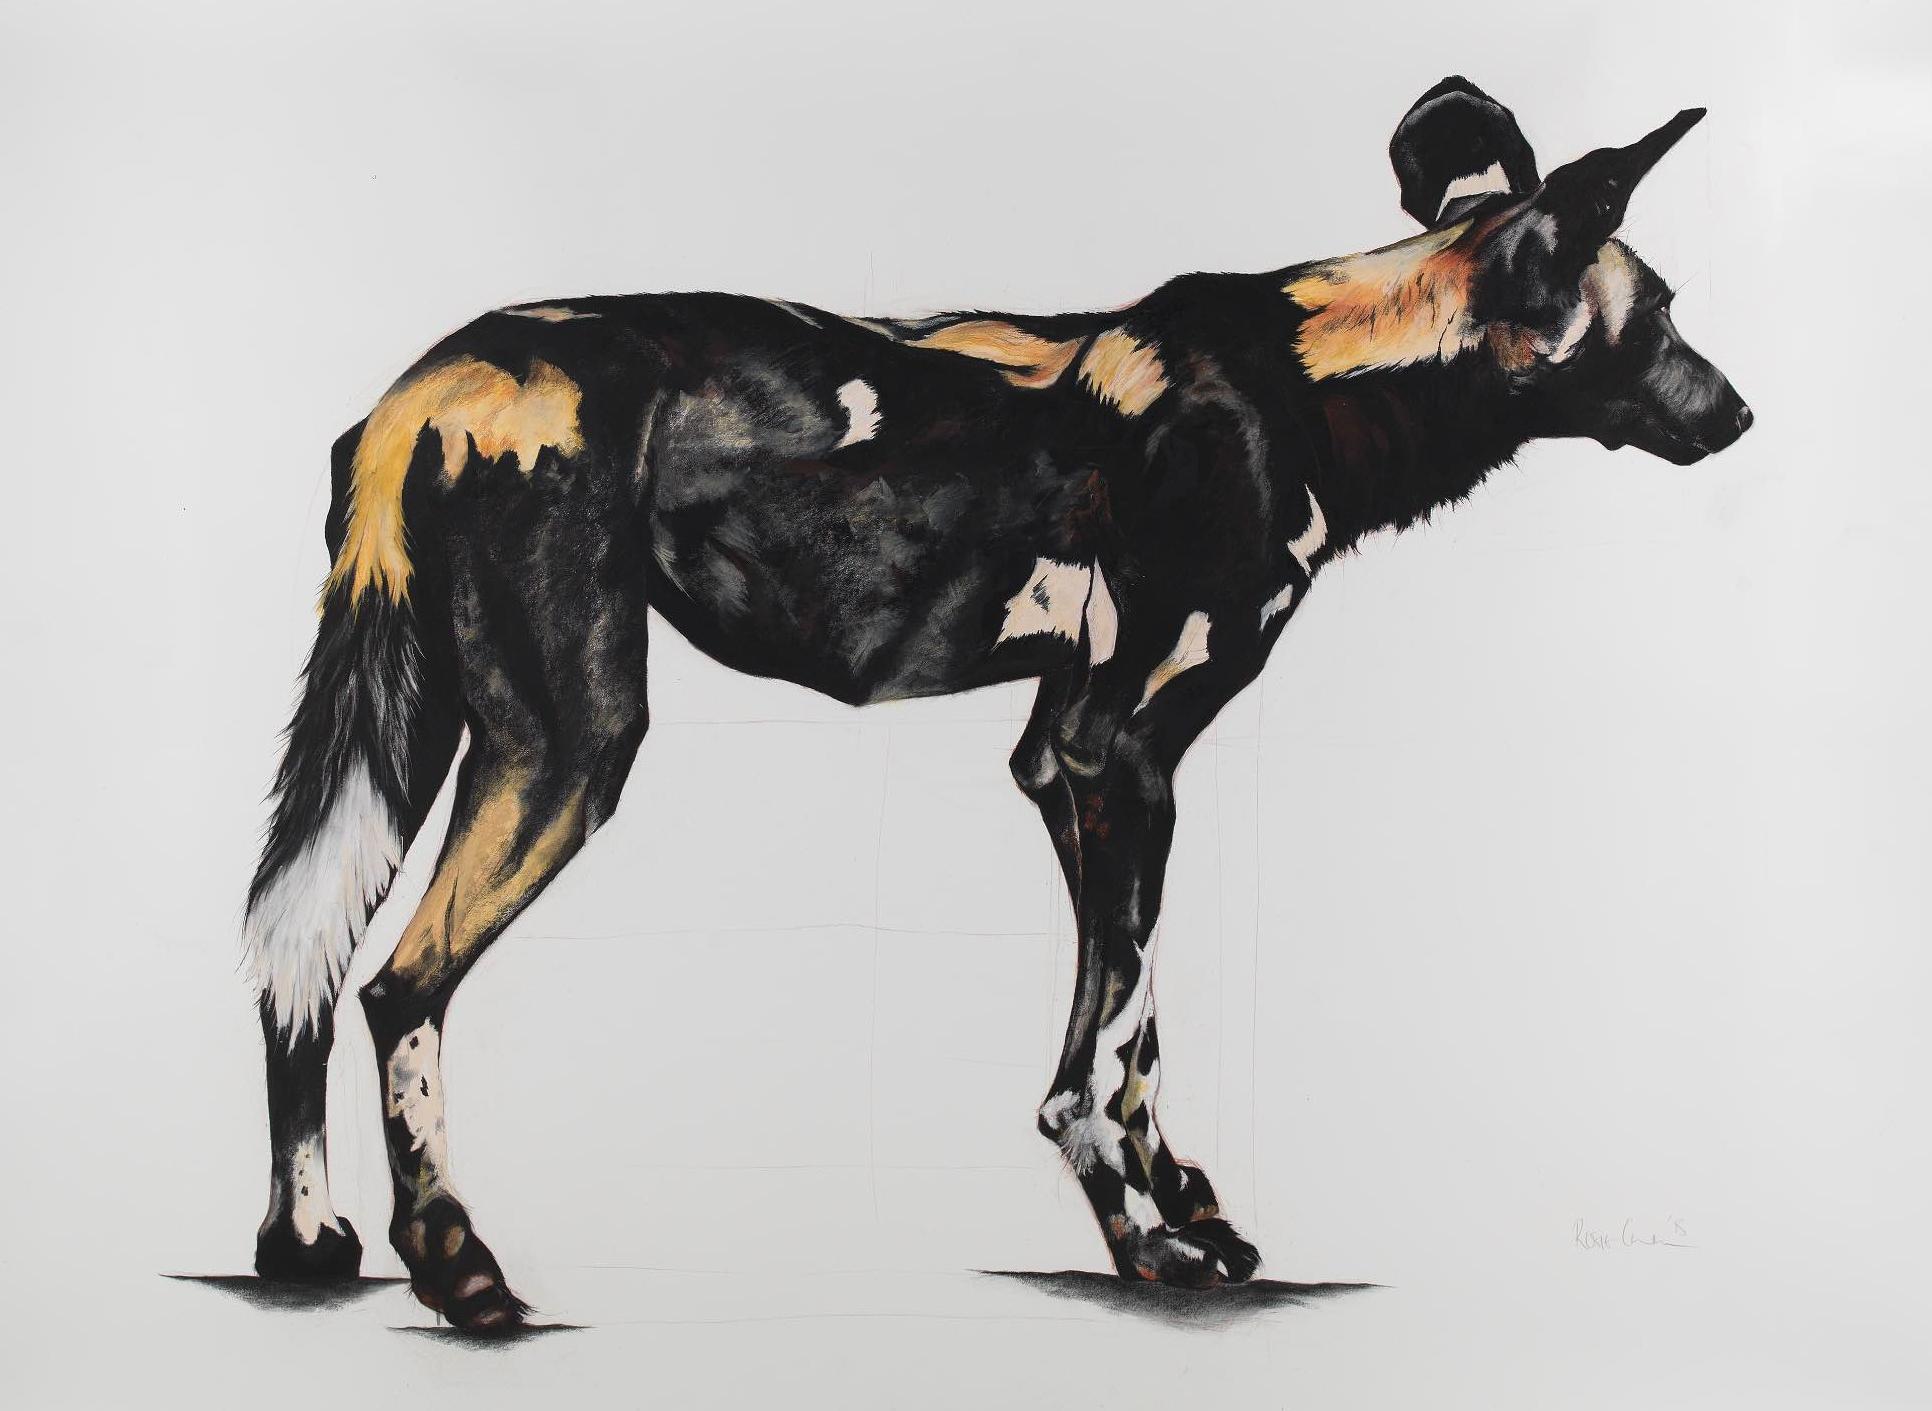 21. LARGE AFRICAN WILD DOG IV